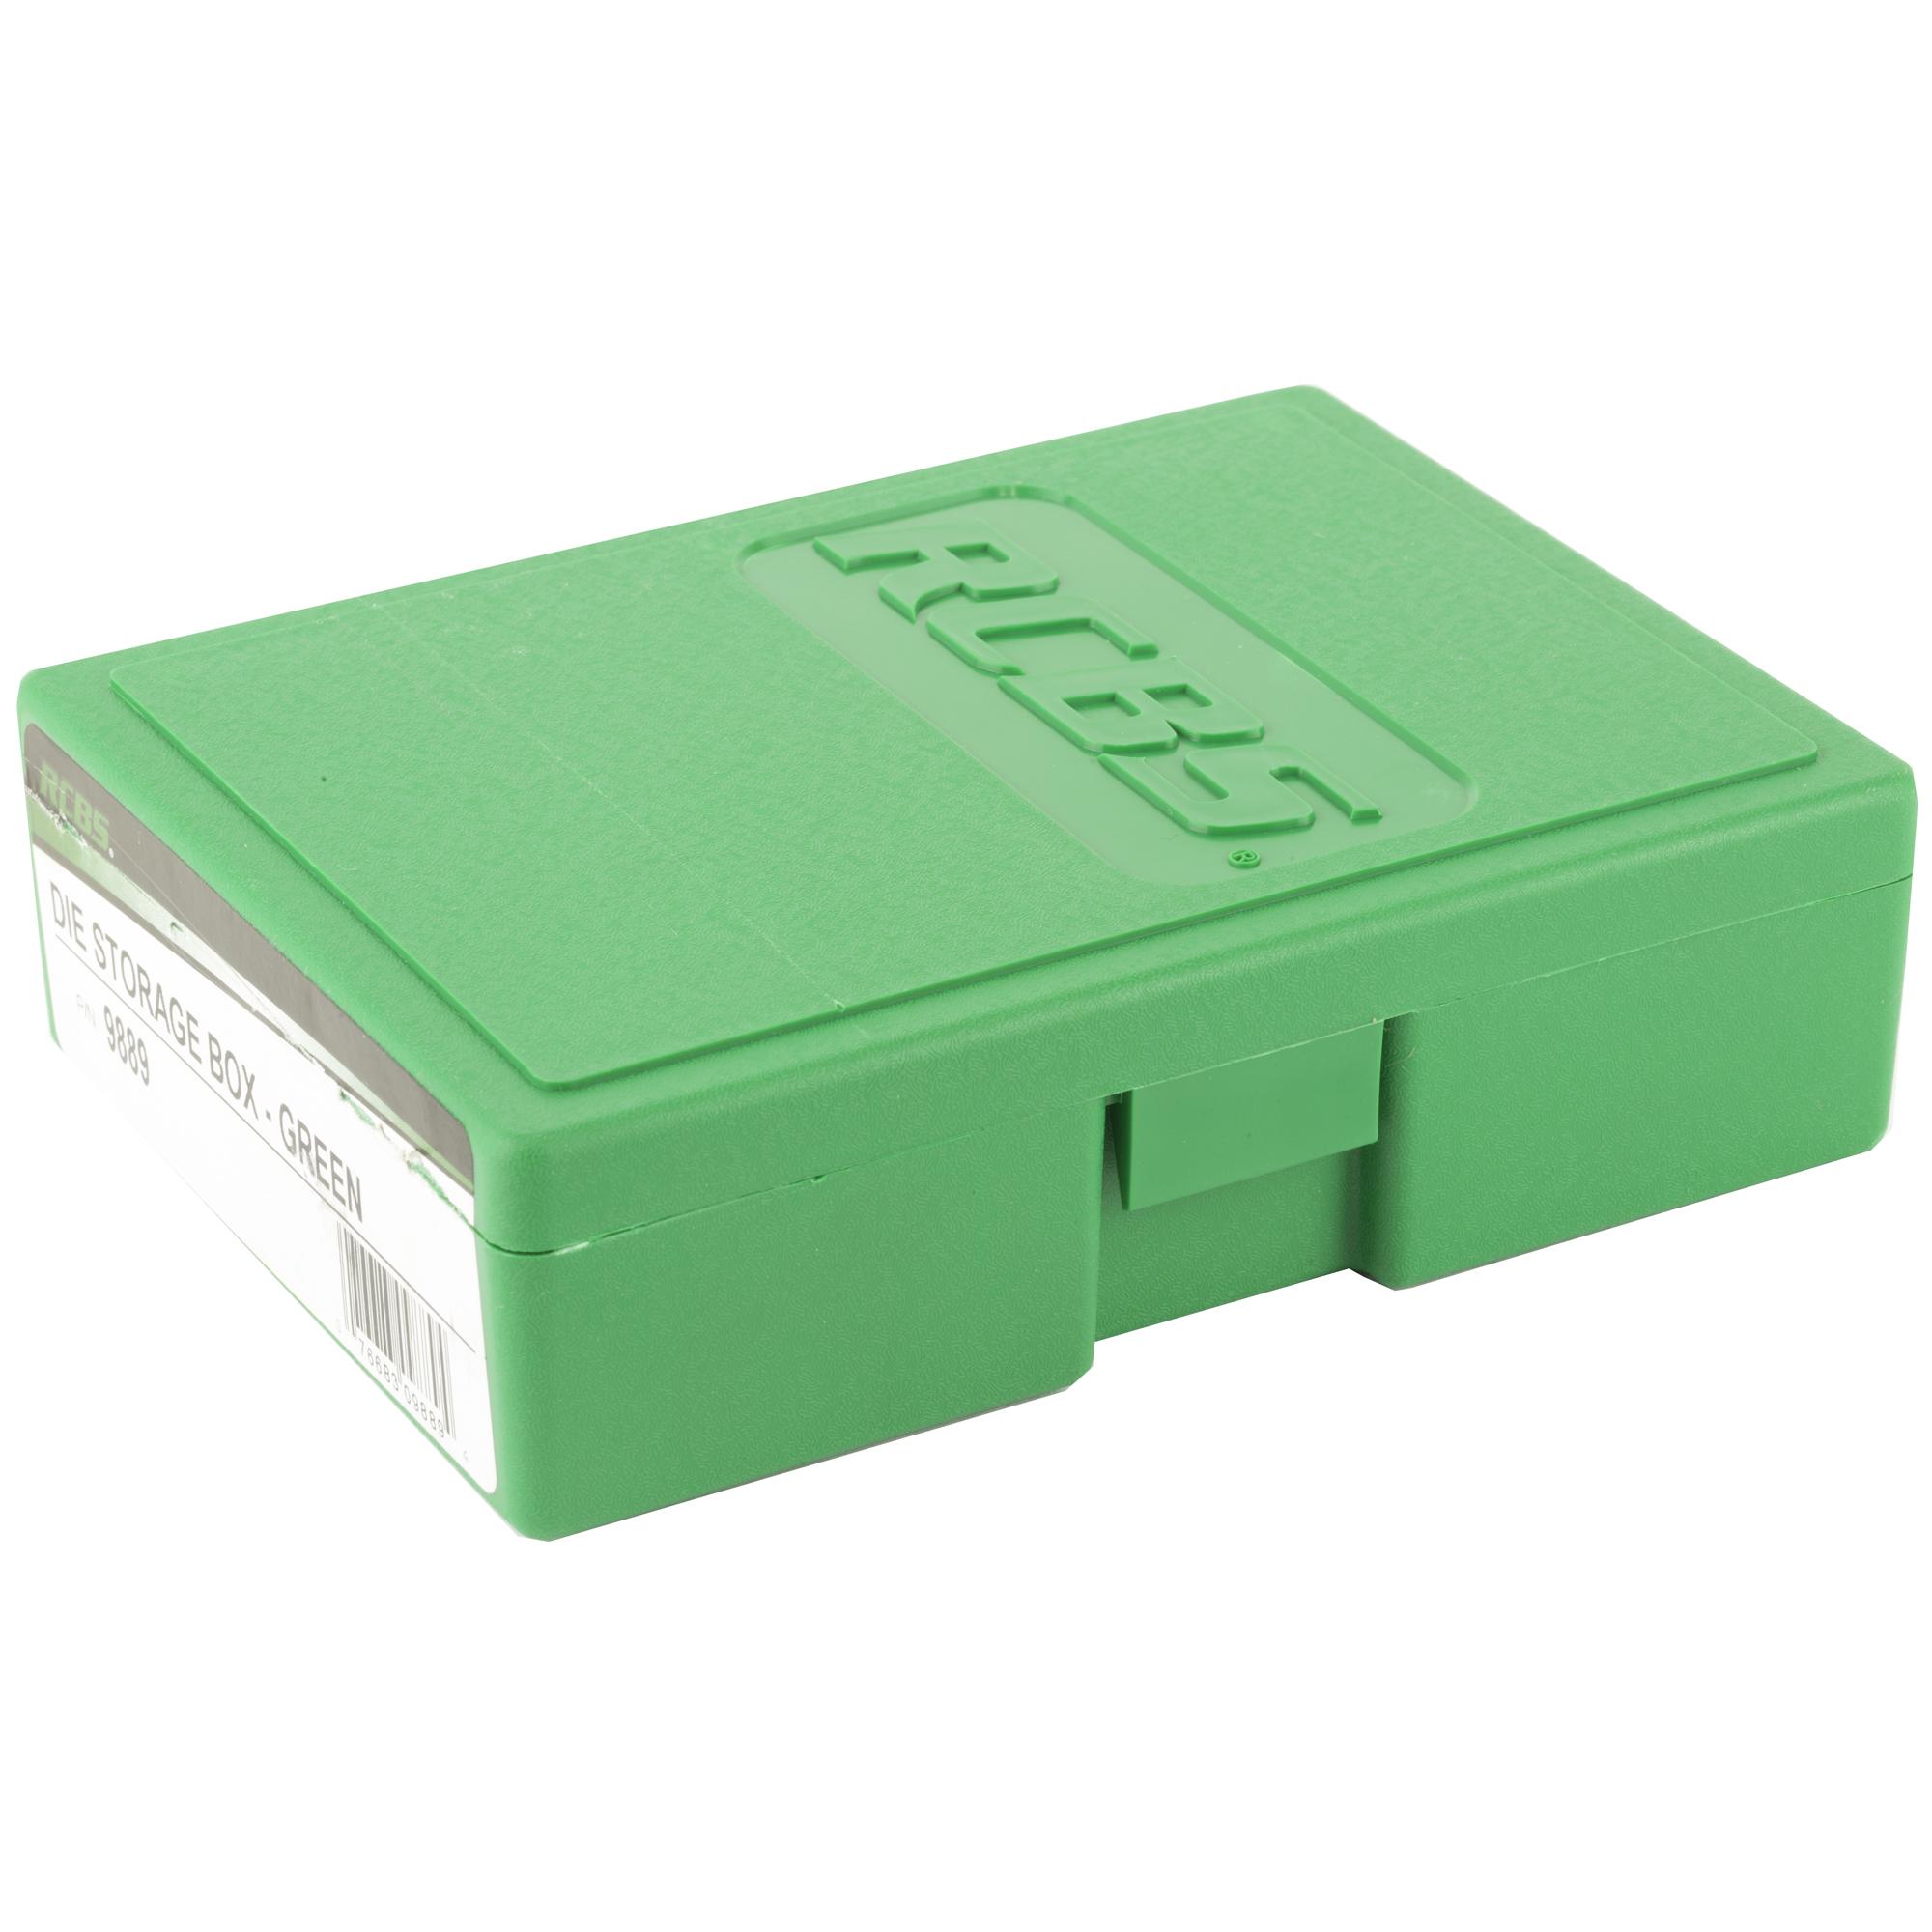 Rcbs Die Storage Box - Green